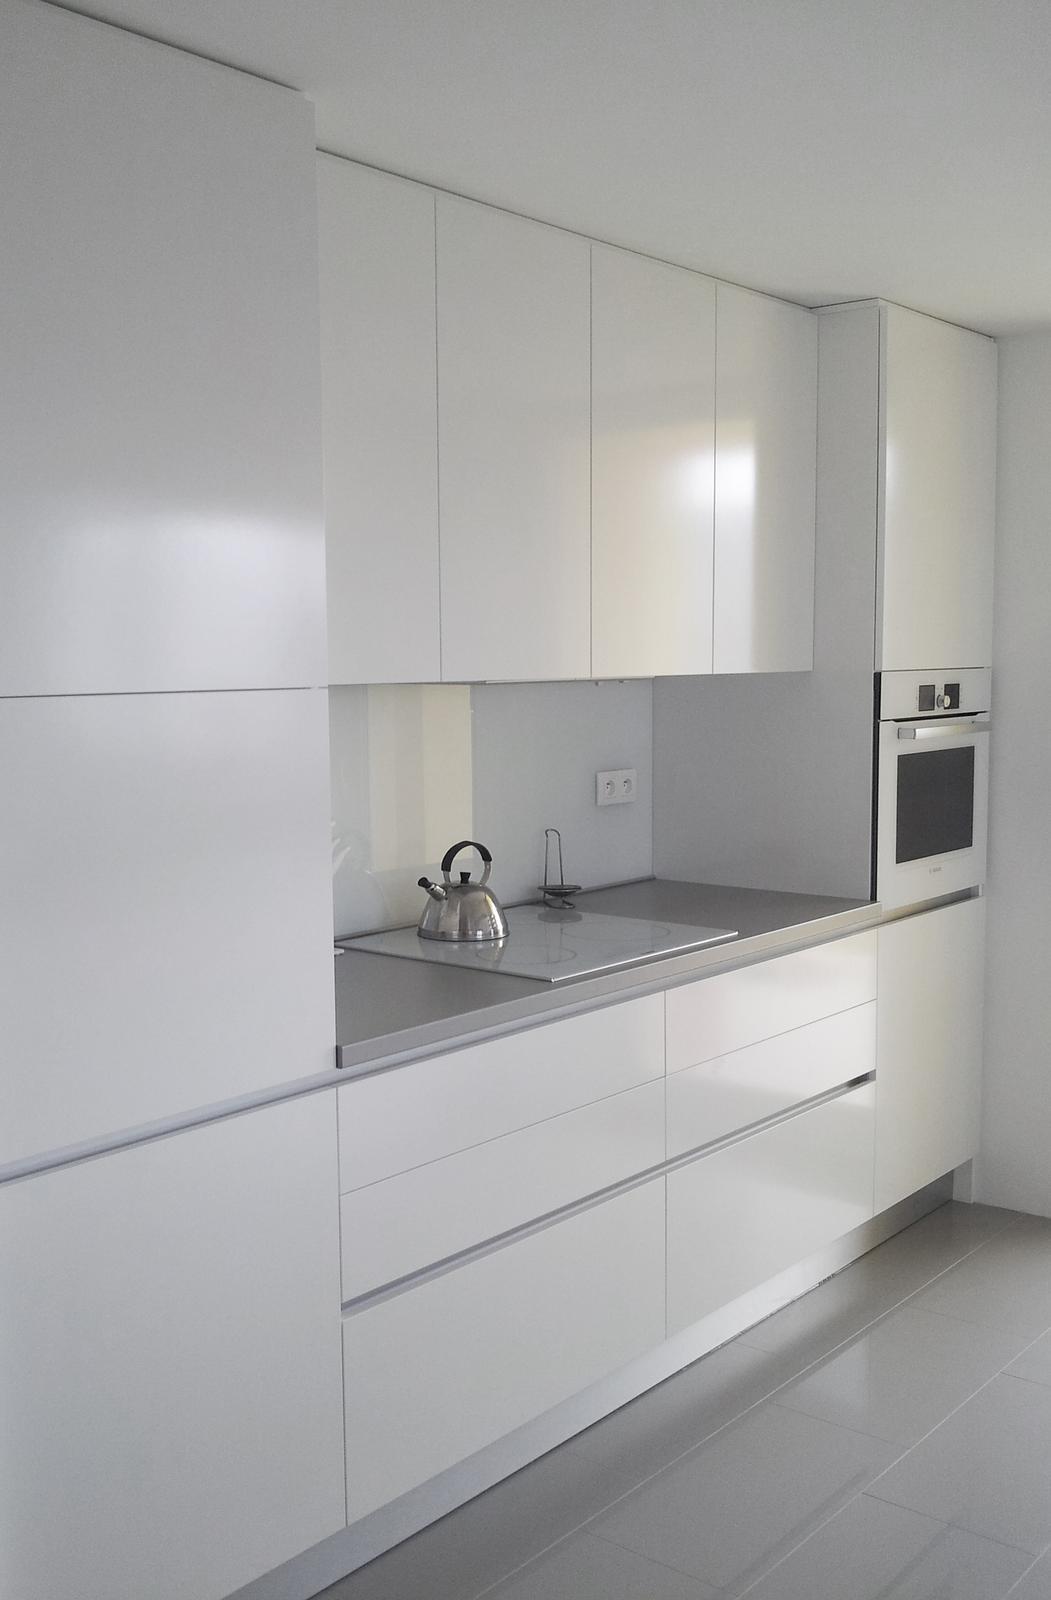 Dizajn a výroba nábytku na mieru Cubica - Biela kuchynská linka - dizajn a výroba cubica